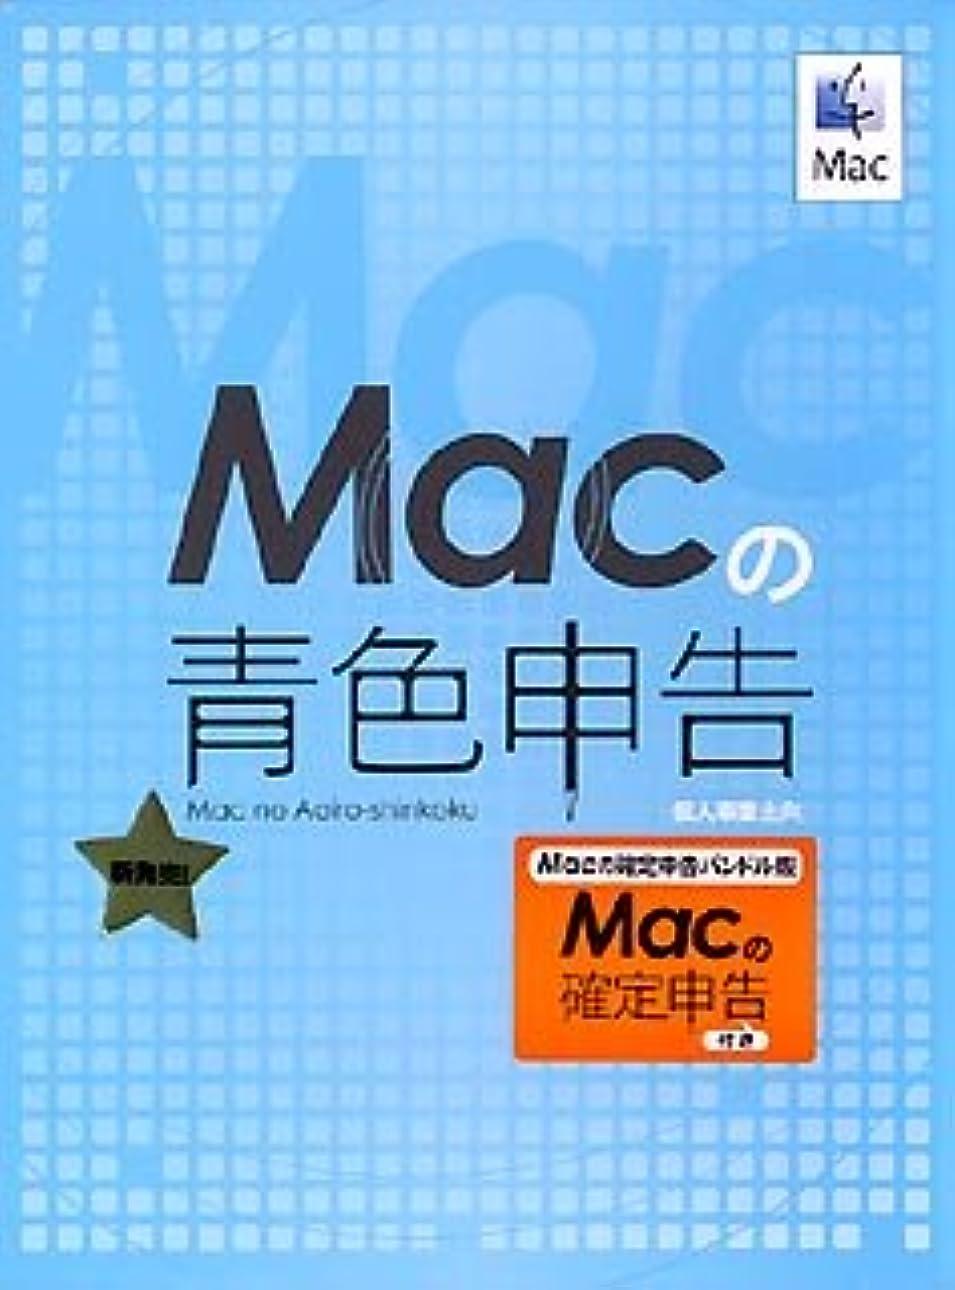 悲観主義者処方セージMacの青色申告 + Macの確定申告 バンドル版